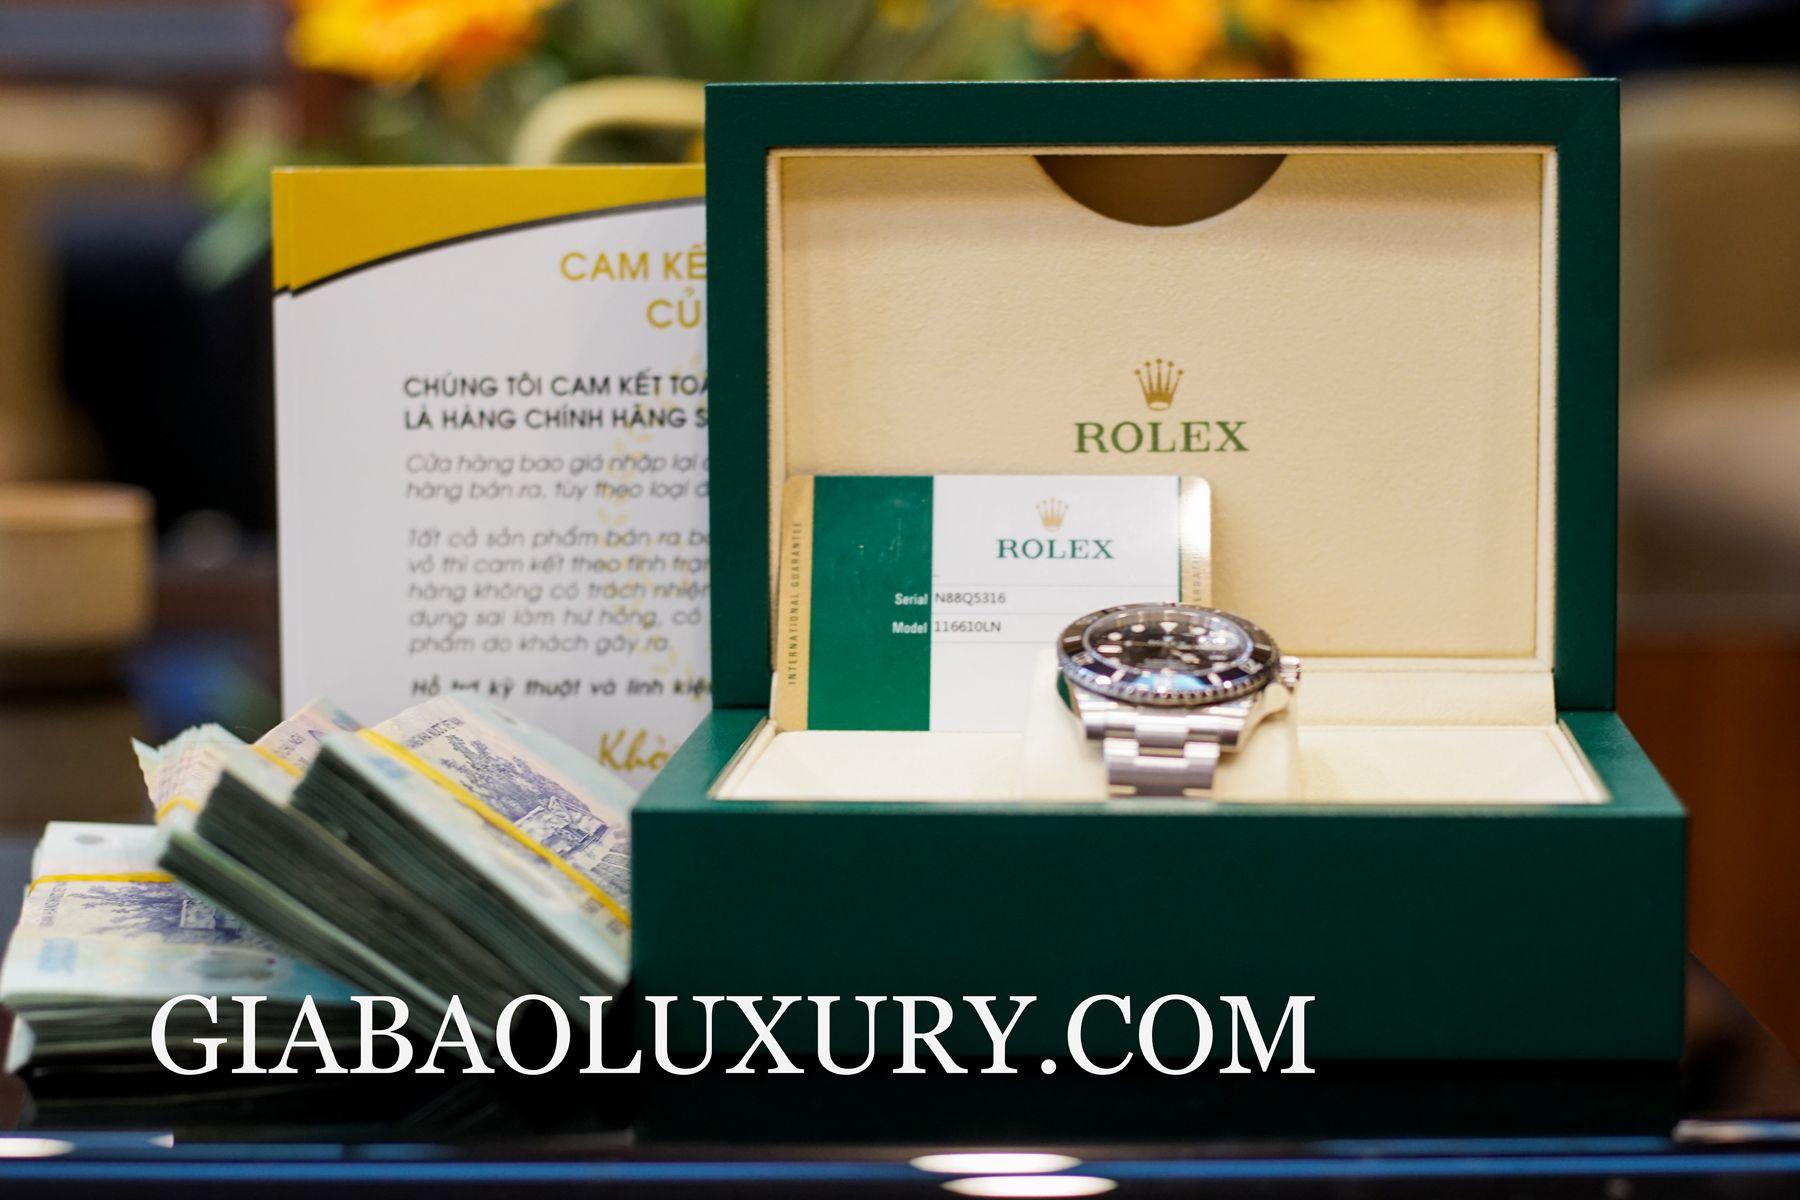 Gia Bảo Luxury thu mua đồng hồ Rolex Submariner chính hãng